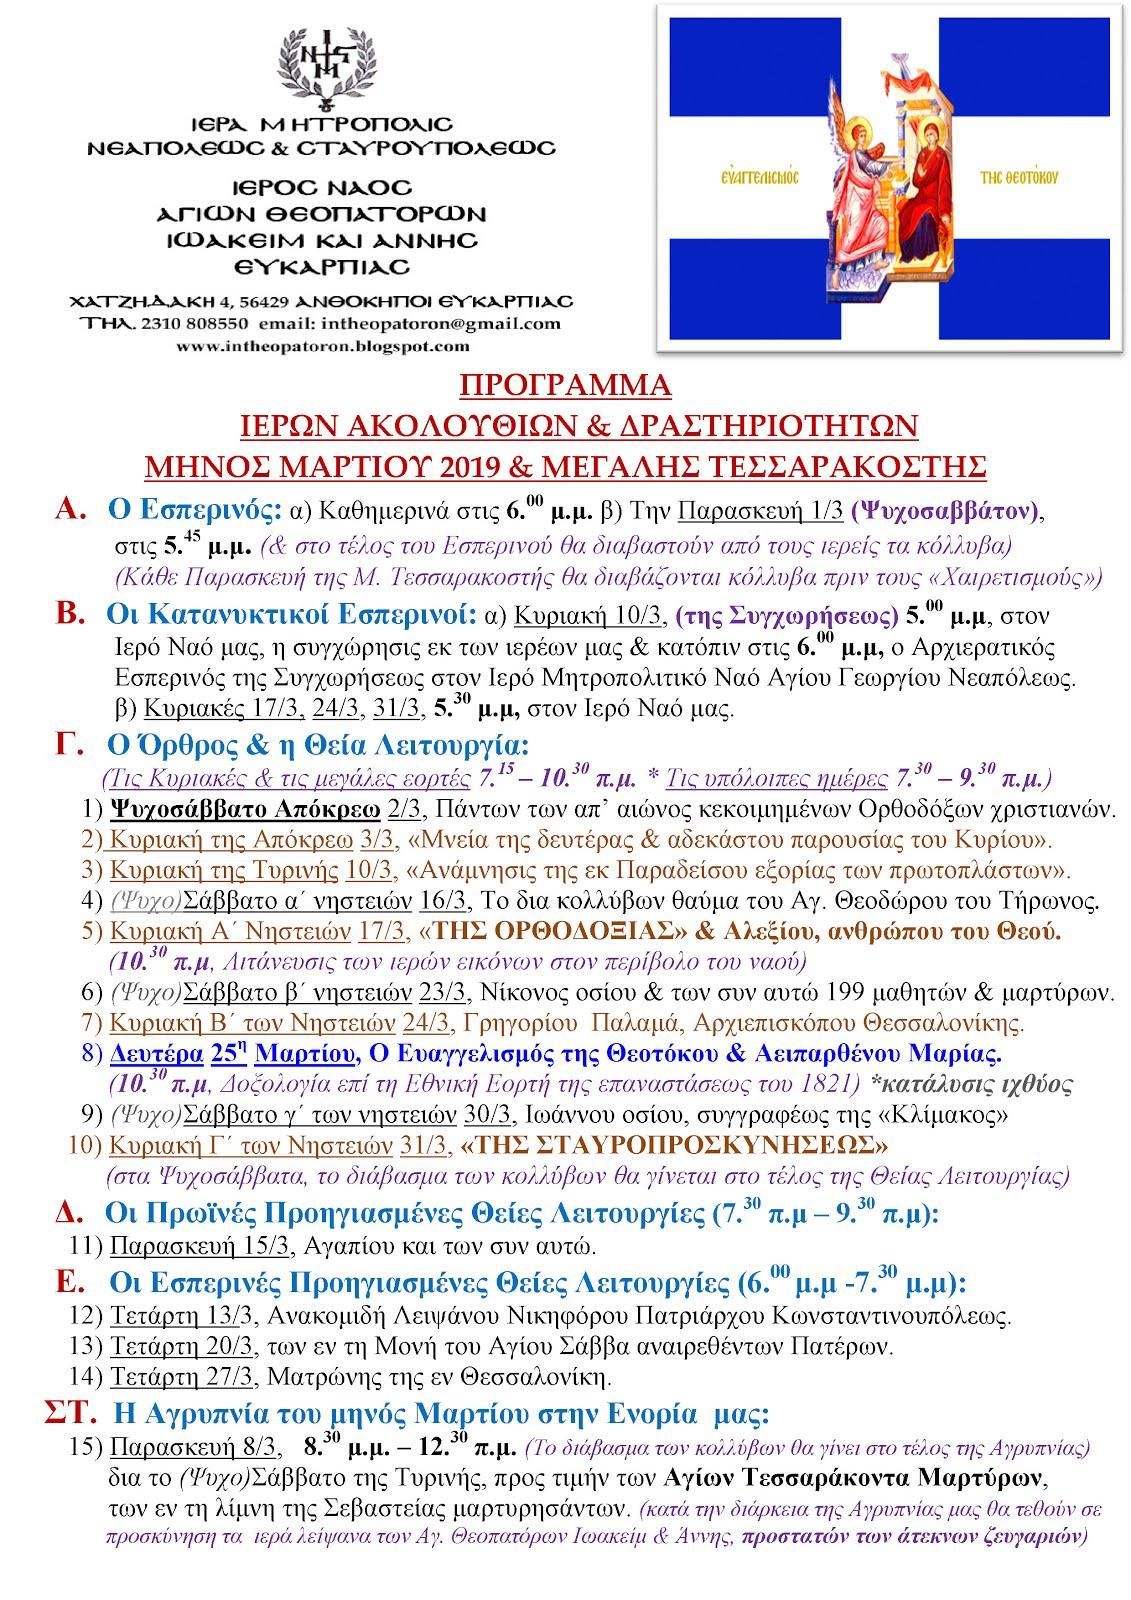 ΠΡΟΓΡΑΜΜΑ ΜΑΡΤΙΟΥ 2019 & ΜΕΓ ΤΕΣΣΑΡΑΚΟΣΤΗΣ